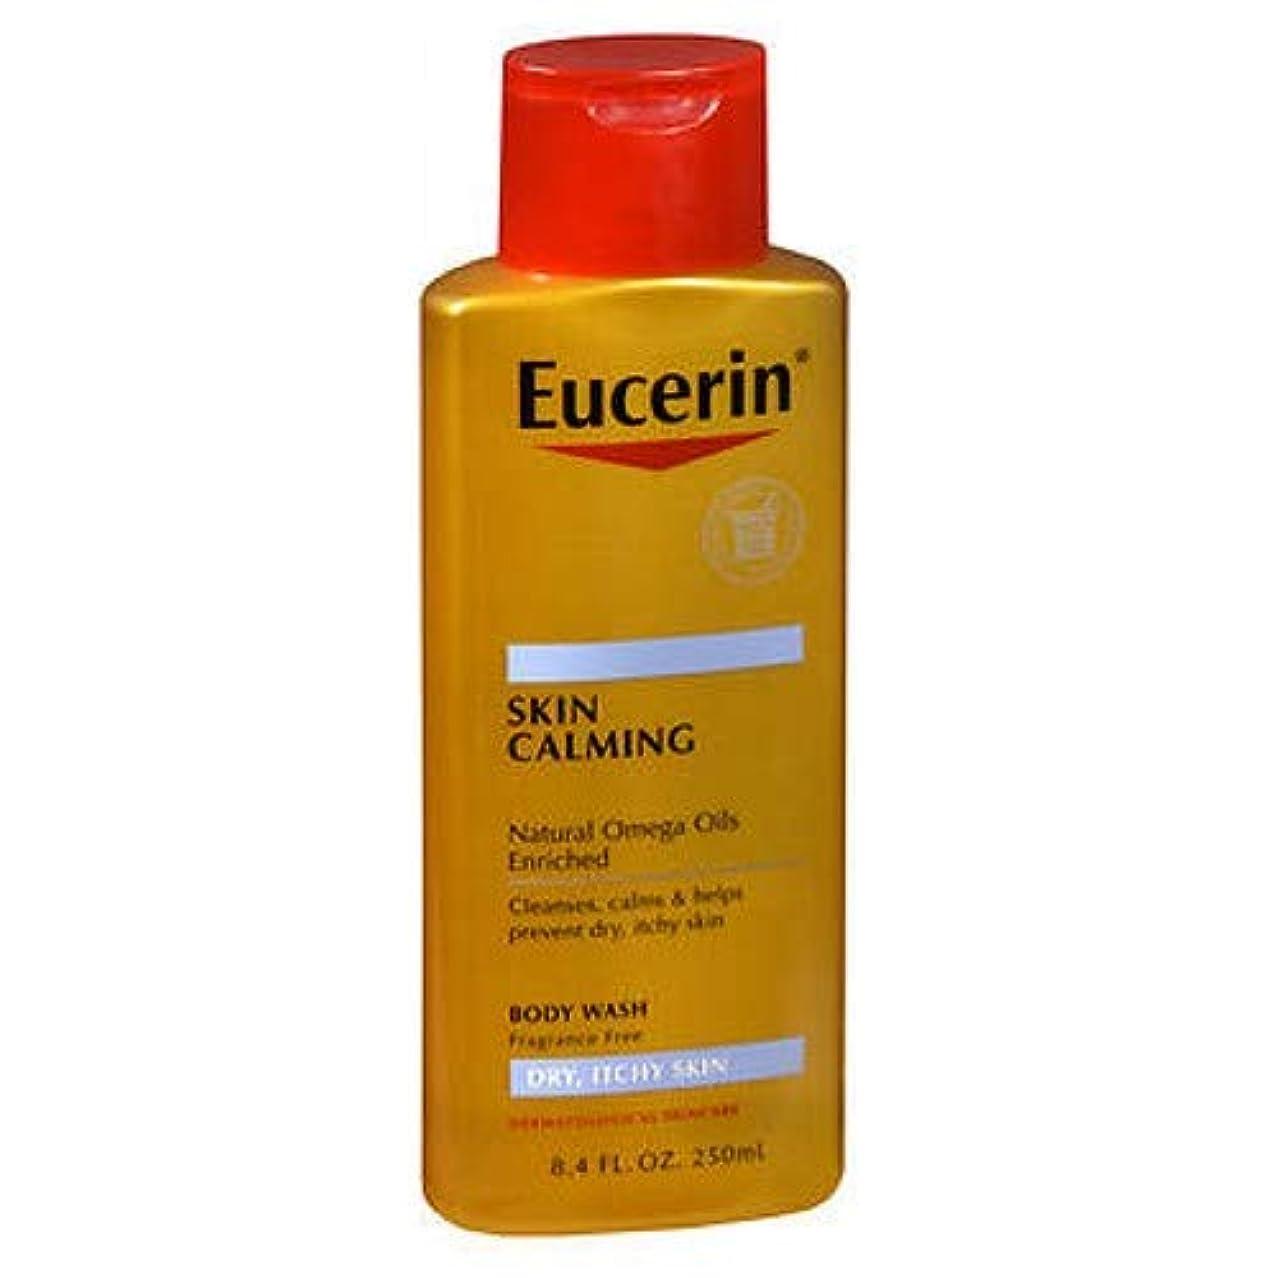 スプーン解決最後のユーセリン スキン クライミング ボディーウォシュ 乾燥した肌、かゆみのある肌向け用 無香料 (250 ml) (並行輸入品)